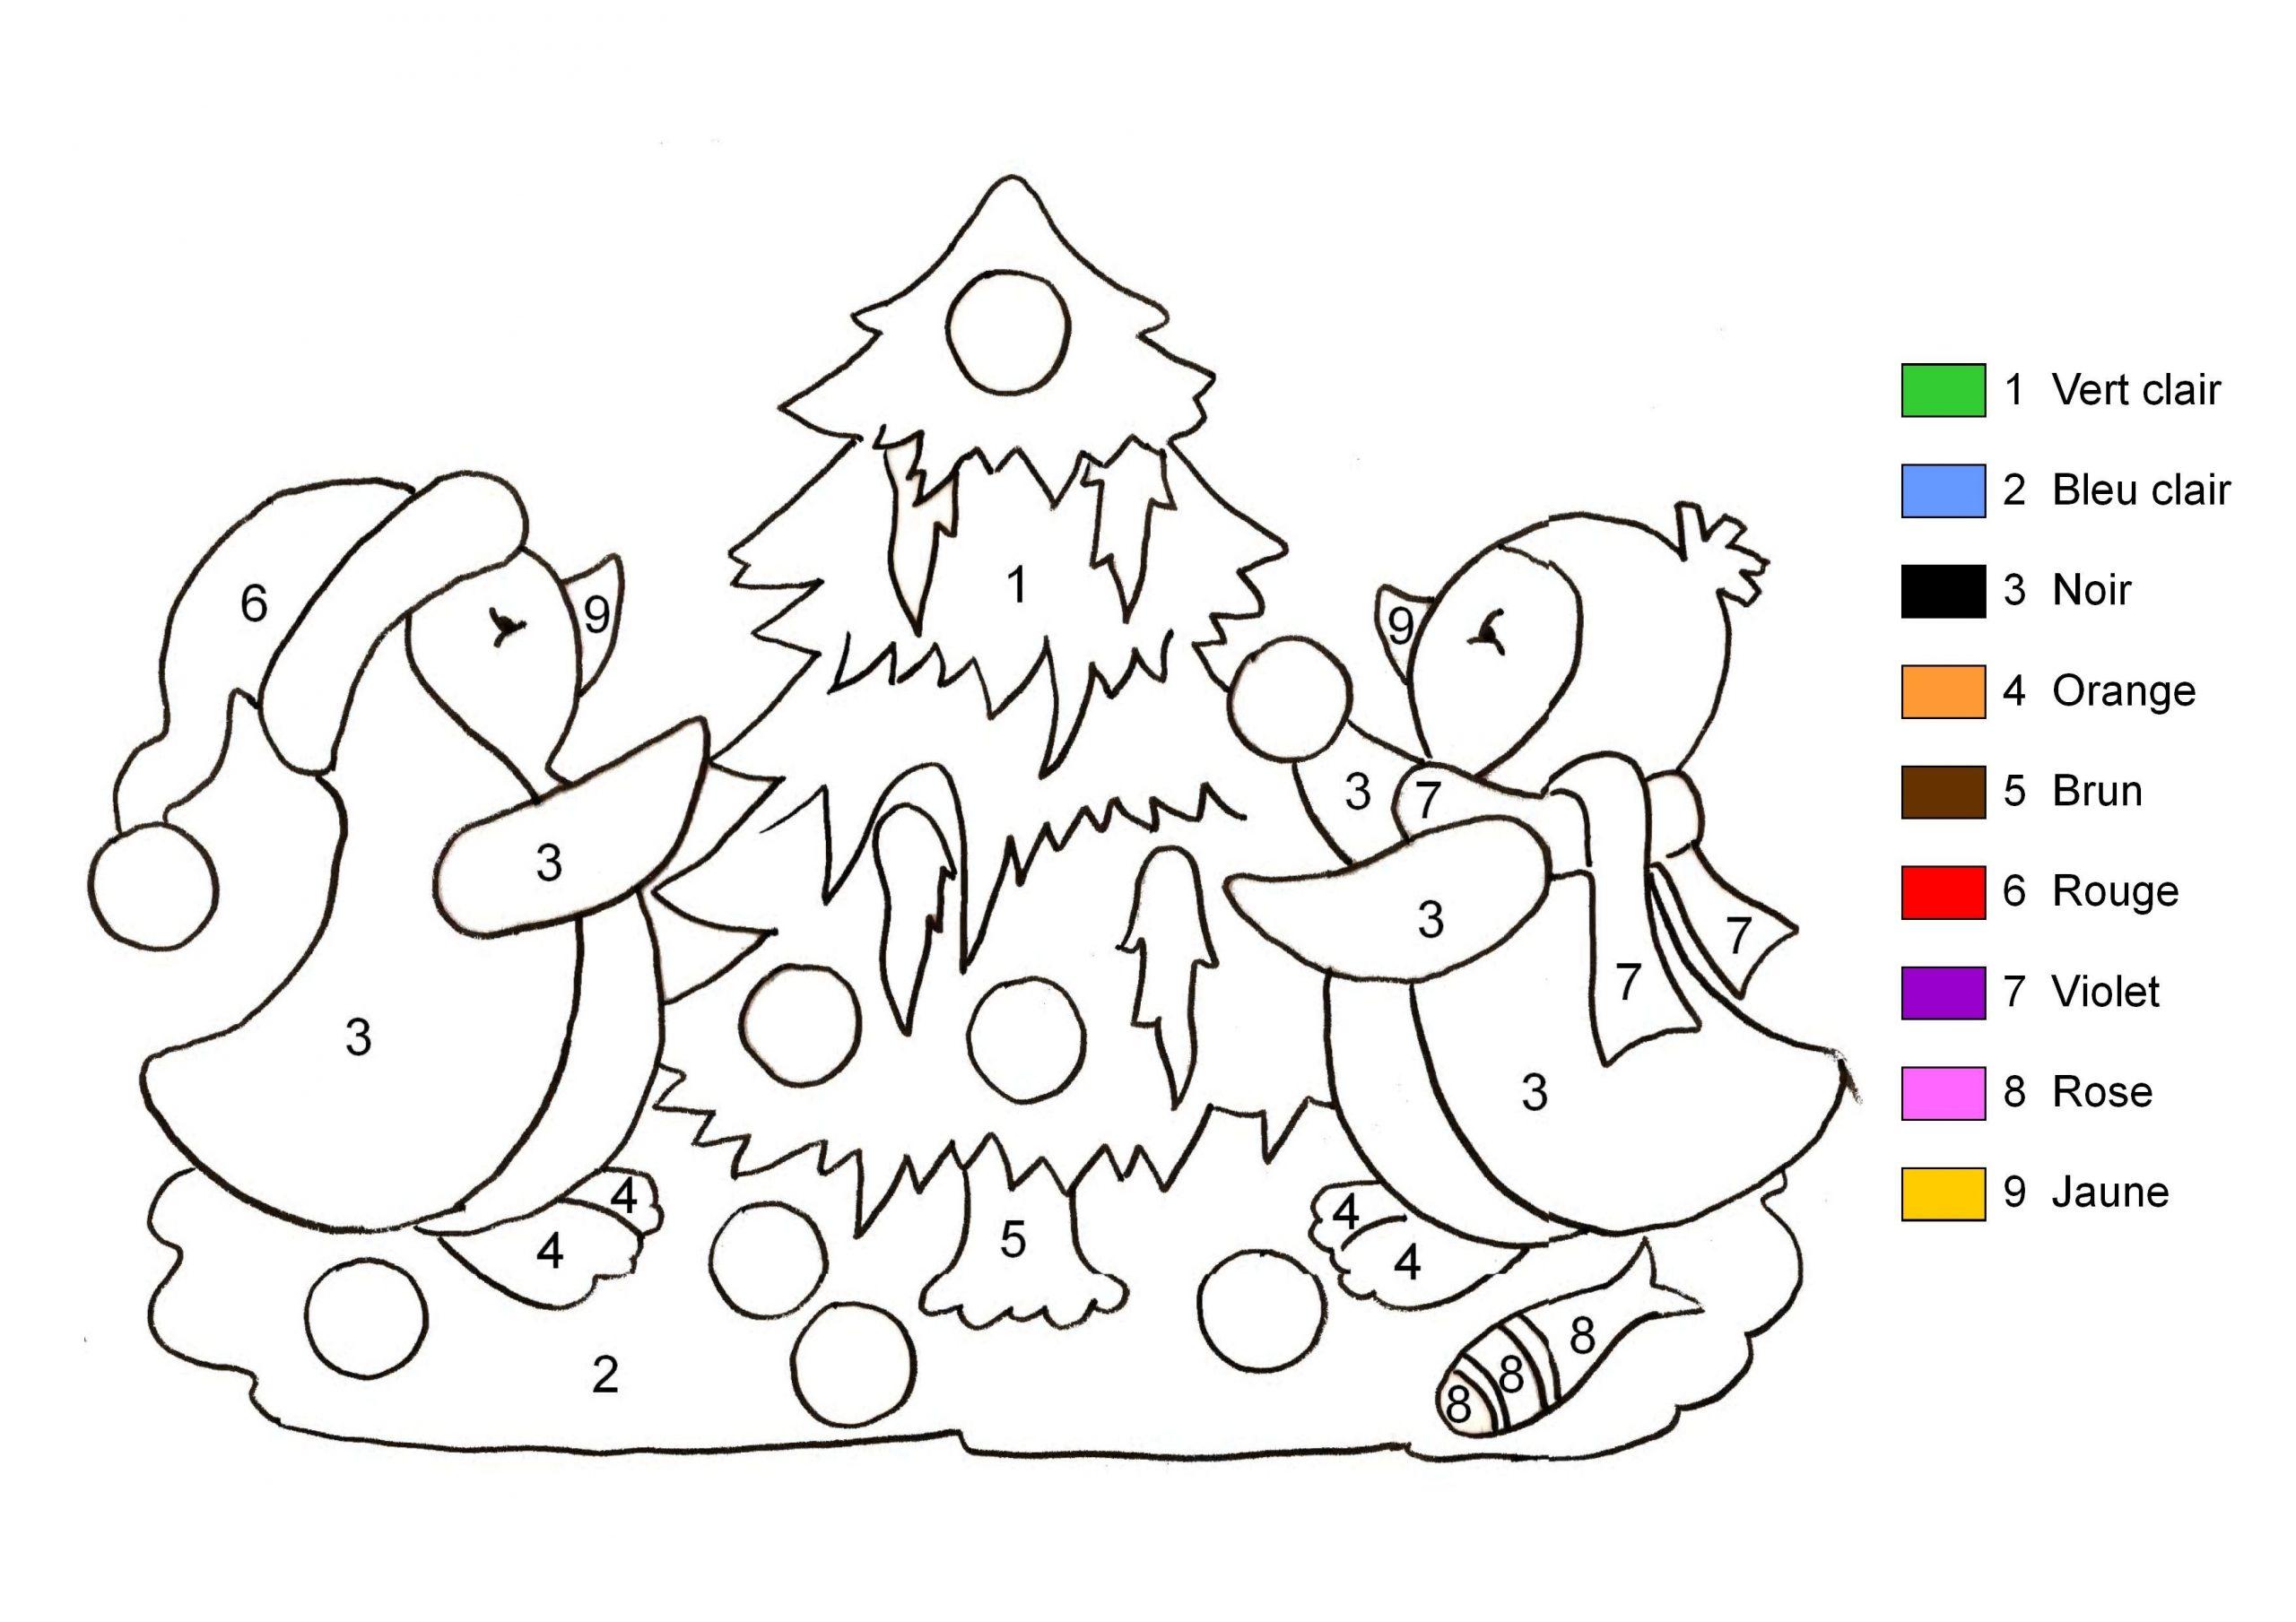 Coloriage Magique - Pingouins Et Sapin De Noël intérieur Coloriage Magique Alphabet Cp